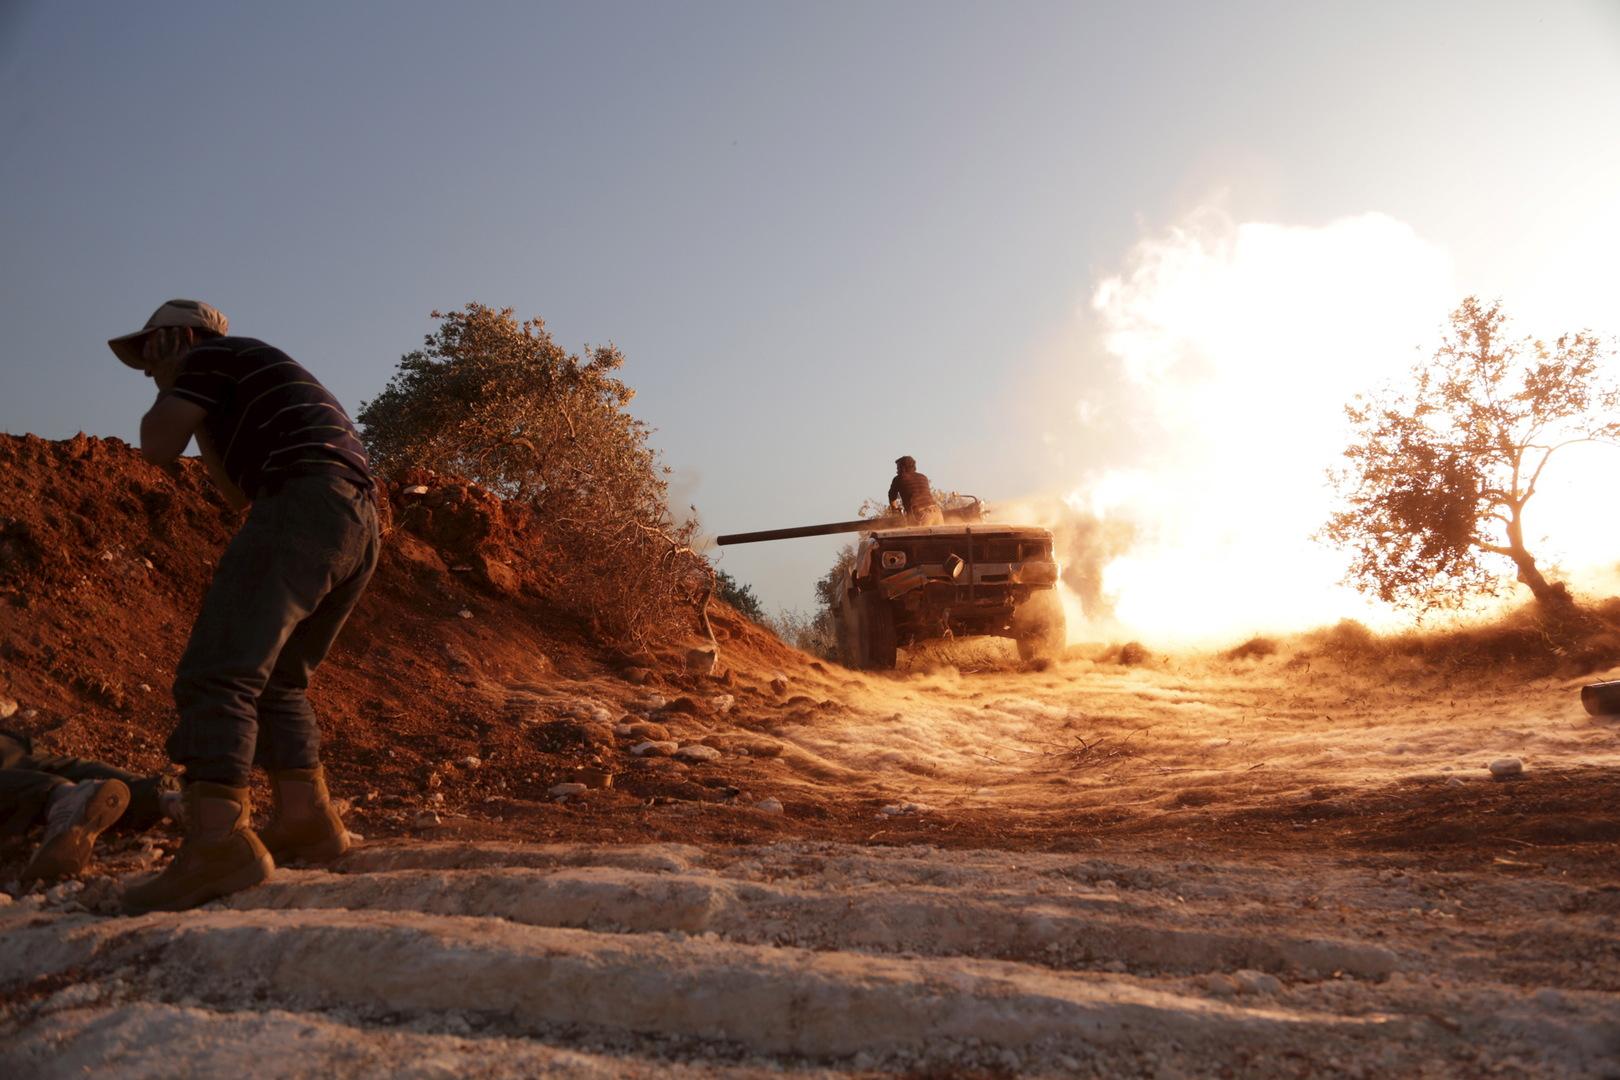 وحدات من اتشكيلات المسلحة في إدلب